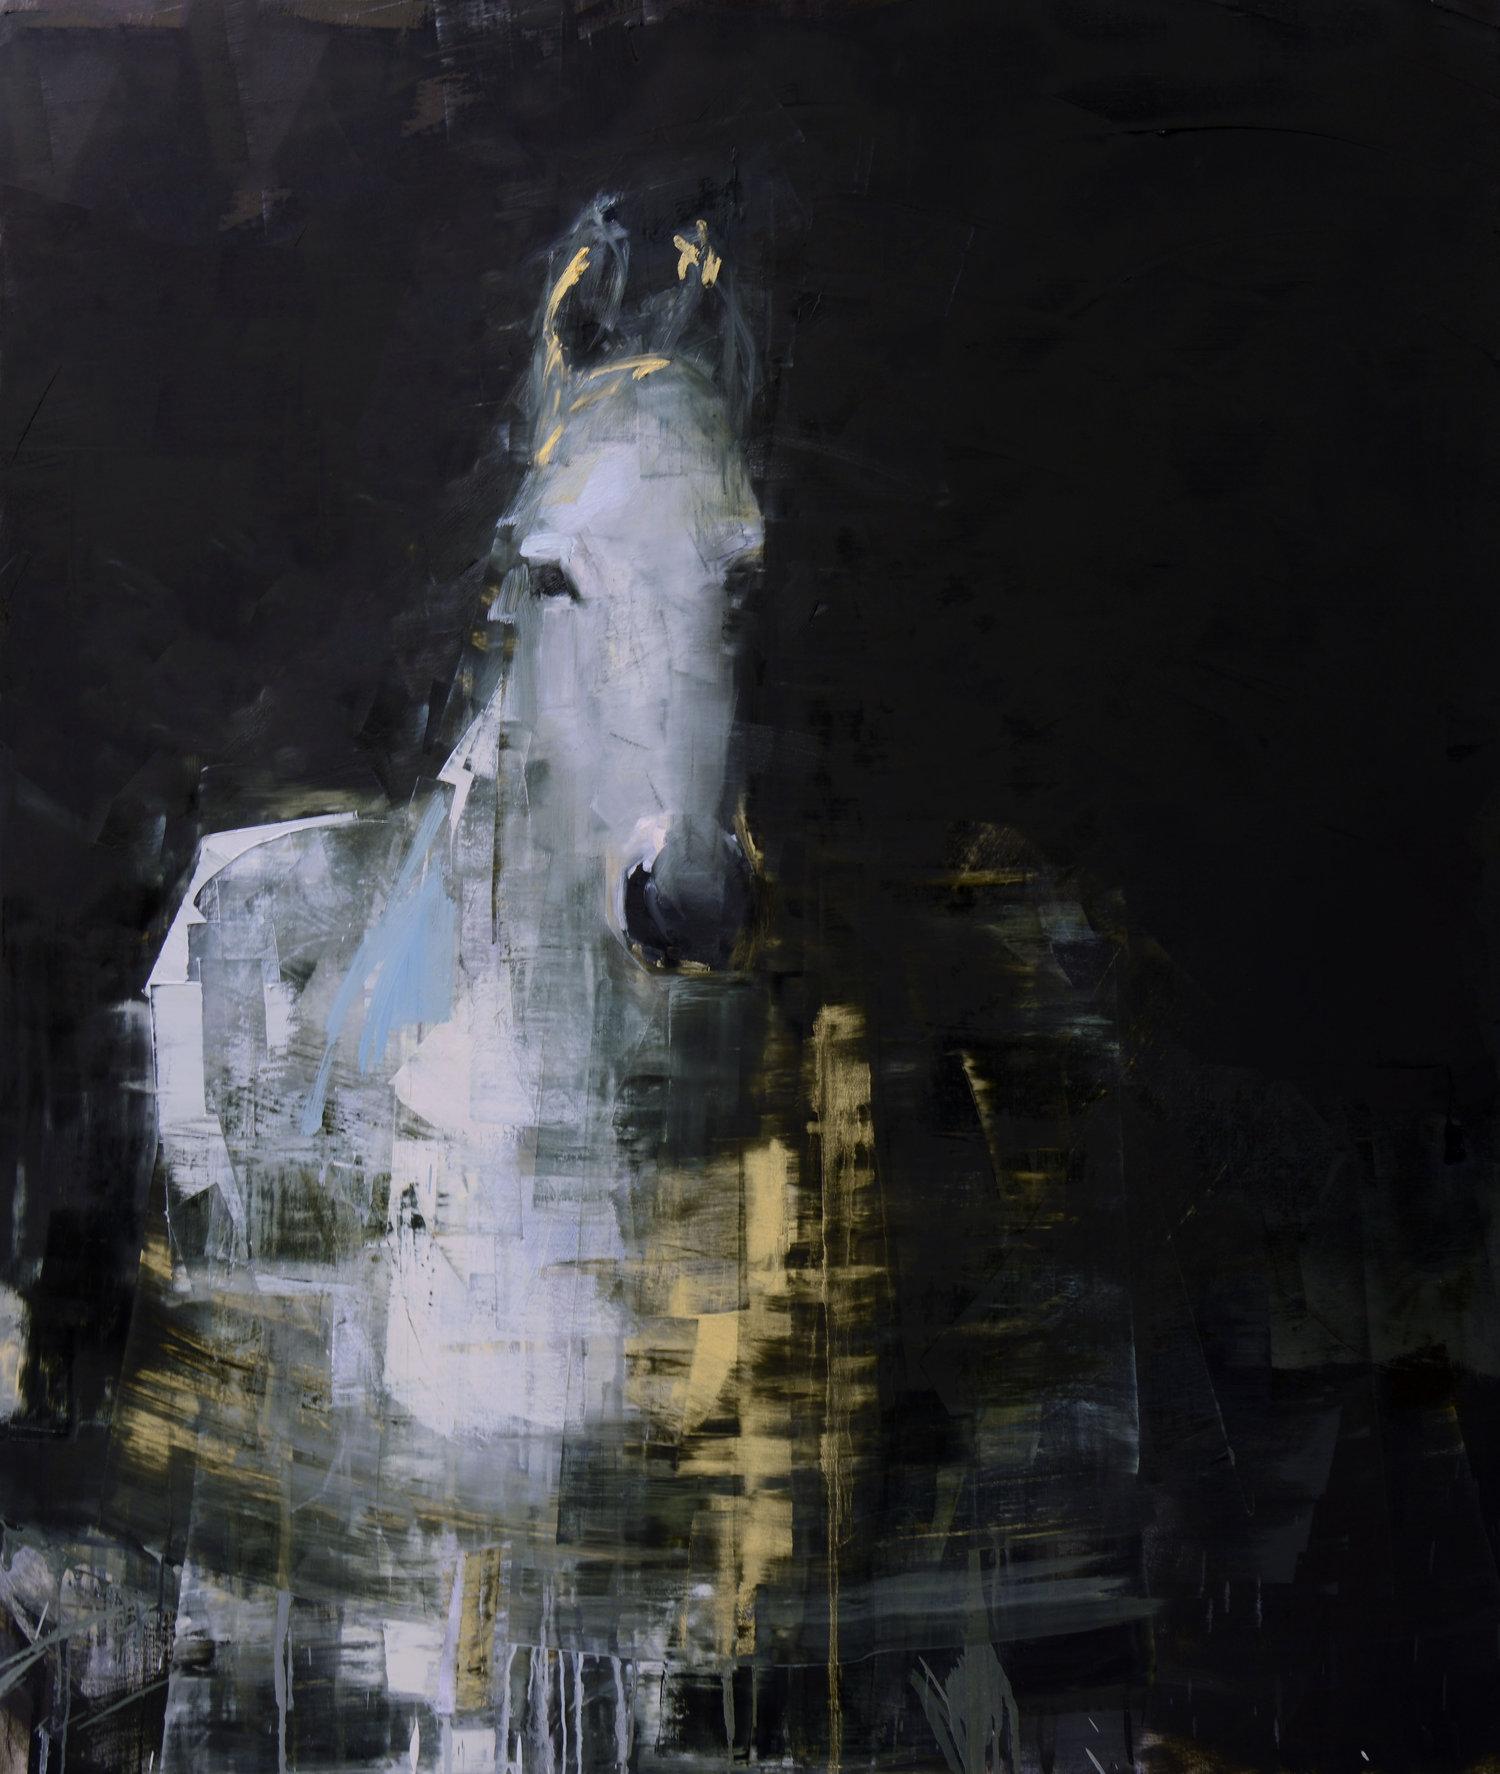 White+Horse+no+4_70x59.jpg